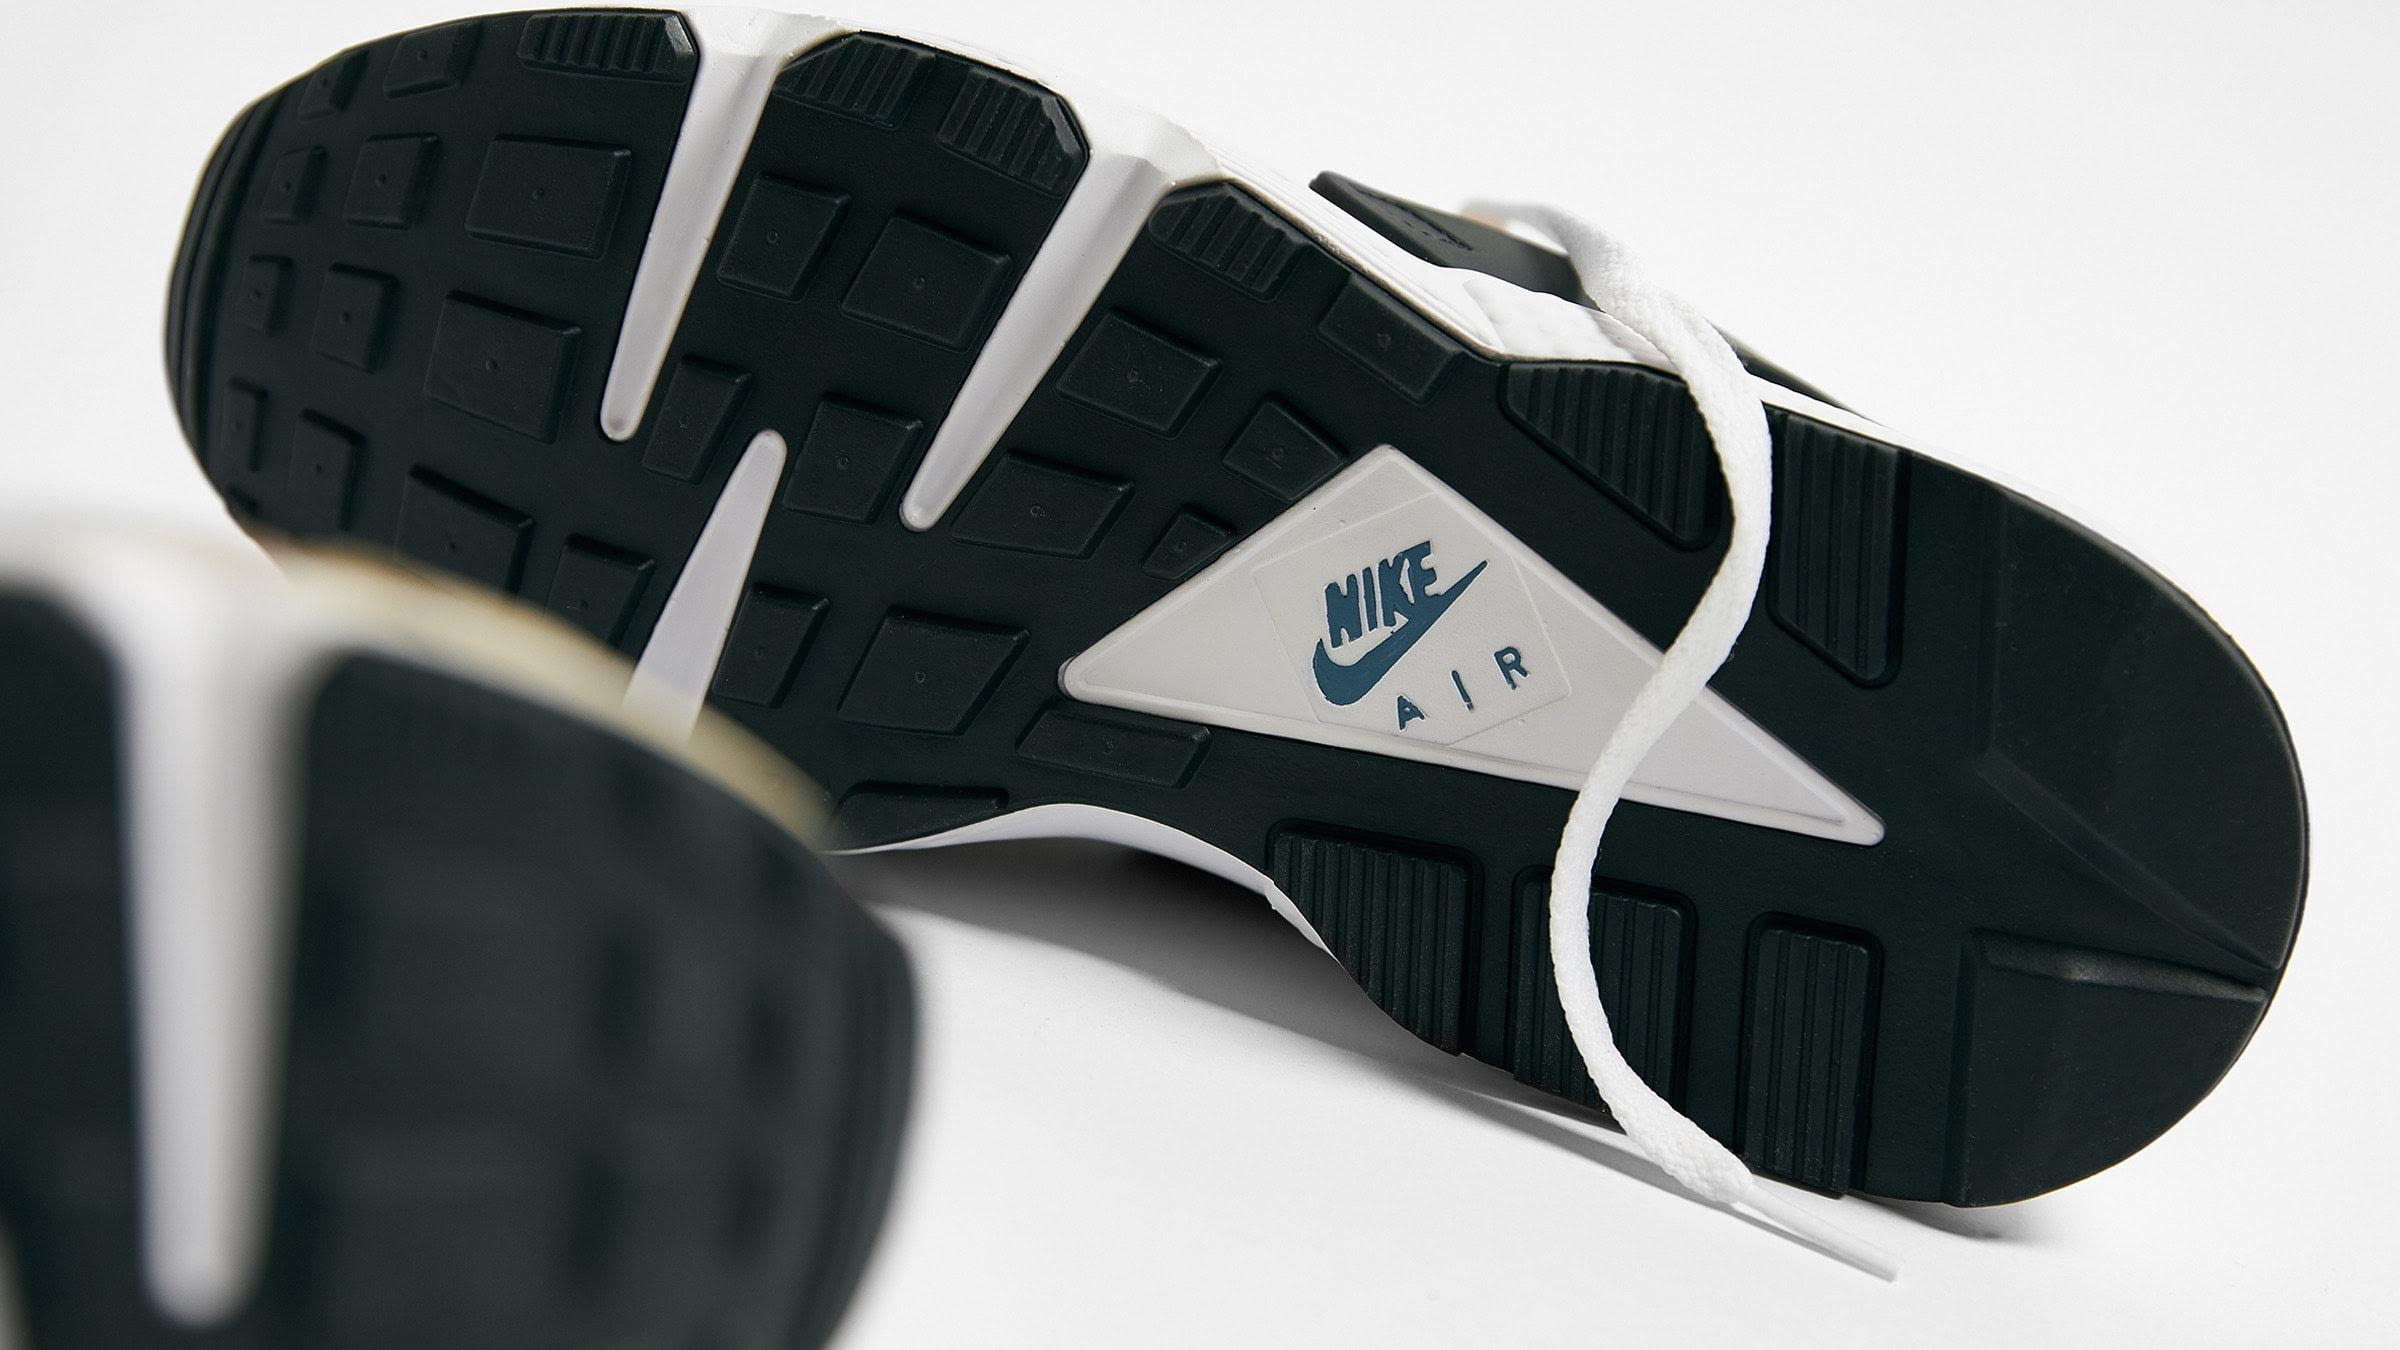 Nike Air Huarache 'Escape' DH9532-201 Outsole